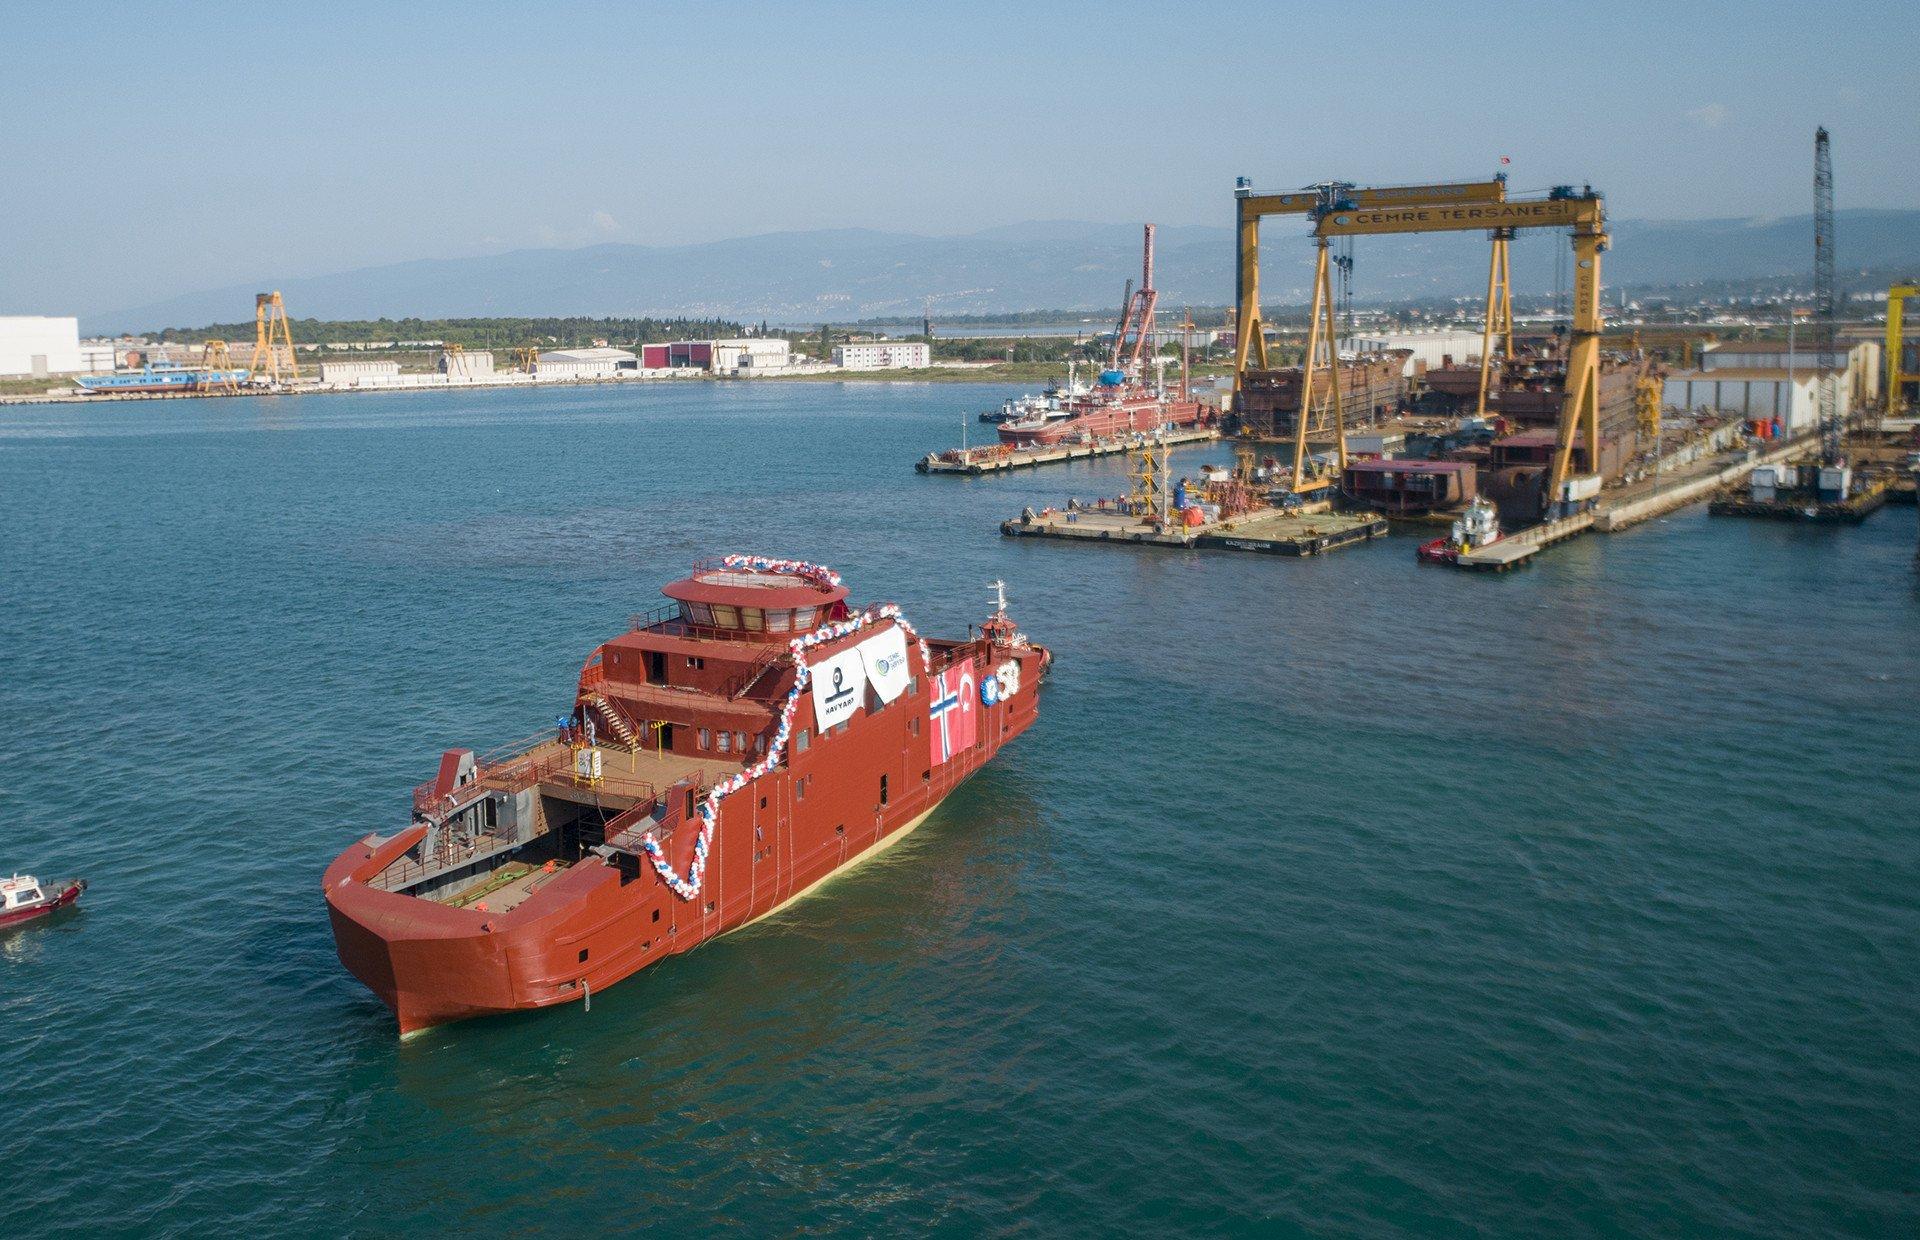 SMØLA - Havyard'ın 50. Gemisi Suya İndirildi!